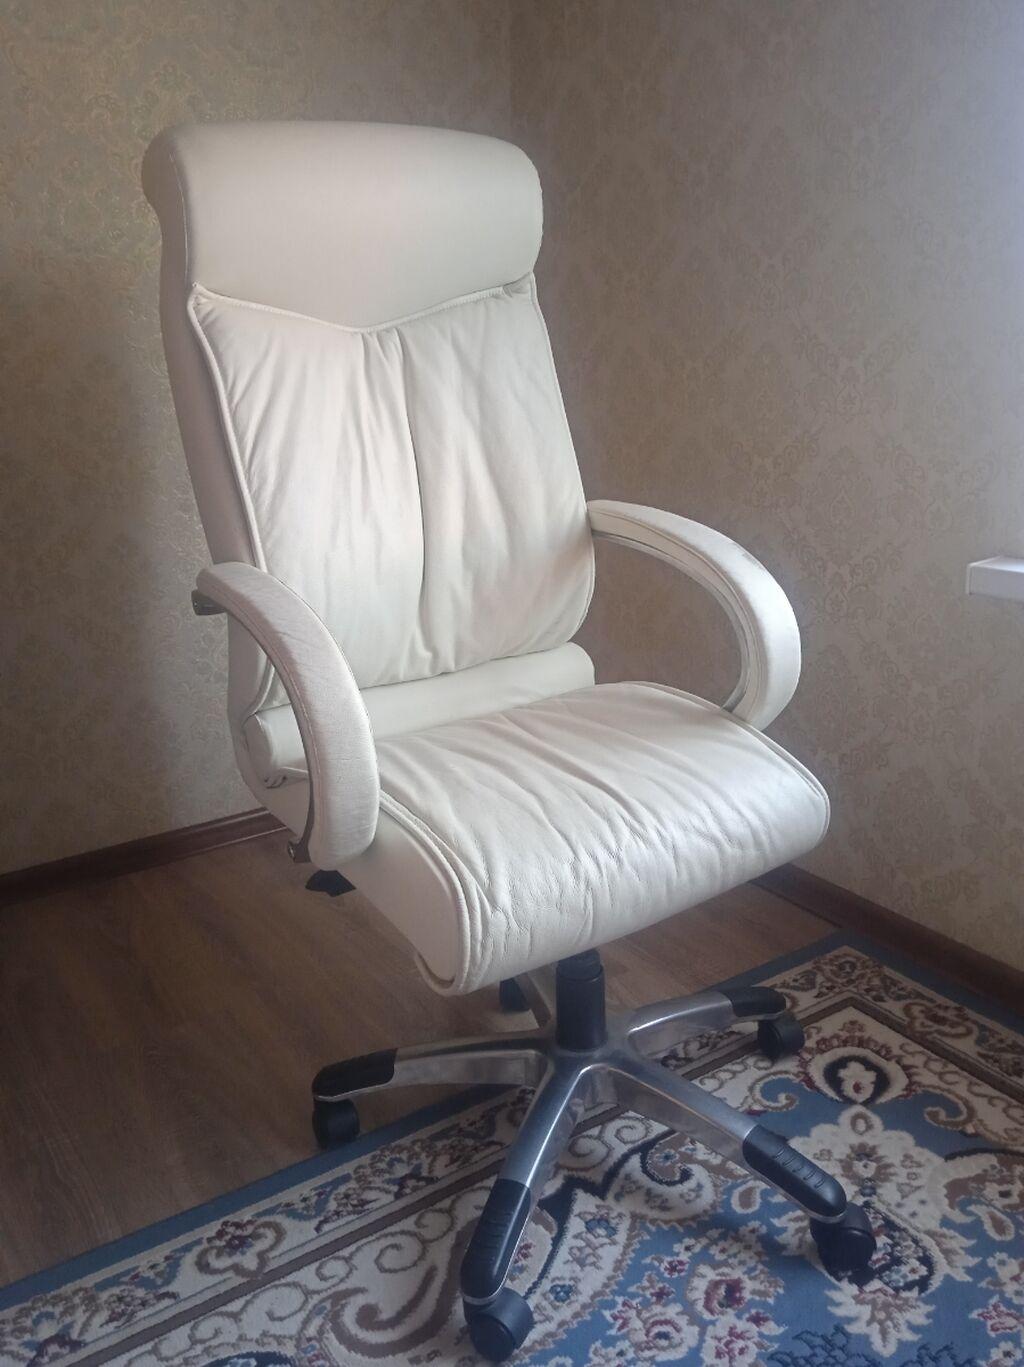 Продаю офисное кресло. Кожаное . Обмен интересует | Объявление создано 19 Сентябрь 2021 10:56:47 | КРЕСЛА: Продаю офисное кресло. Кожаное . Обмен интересует